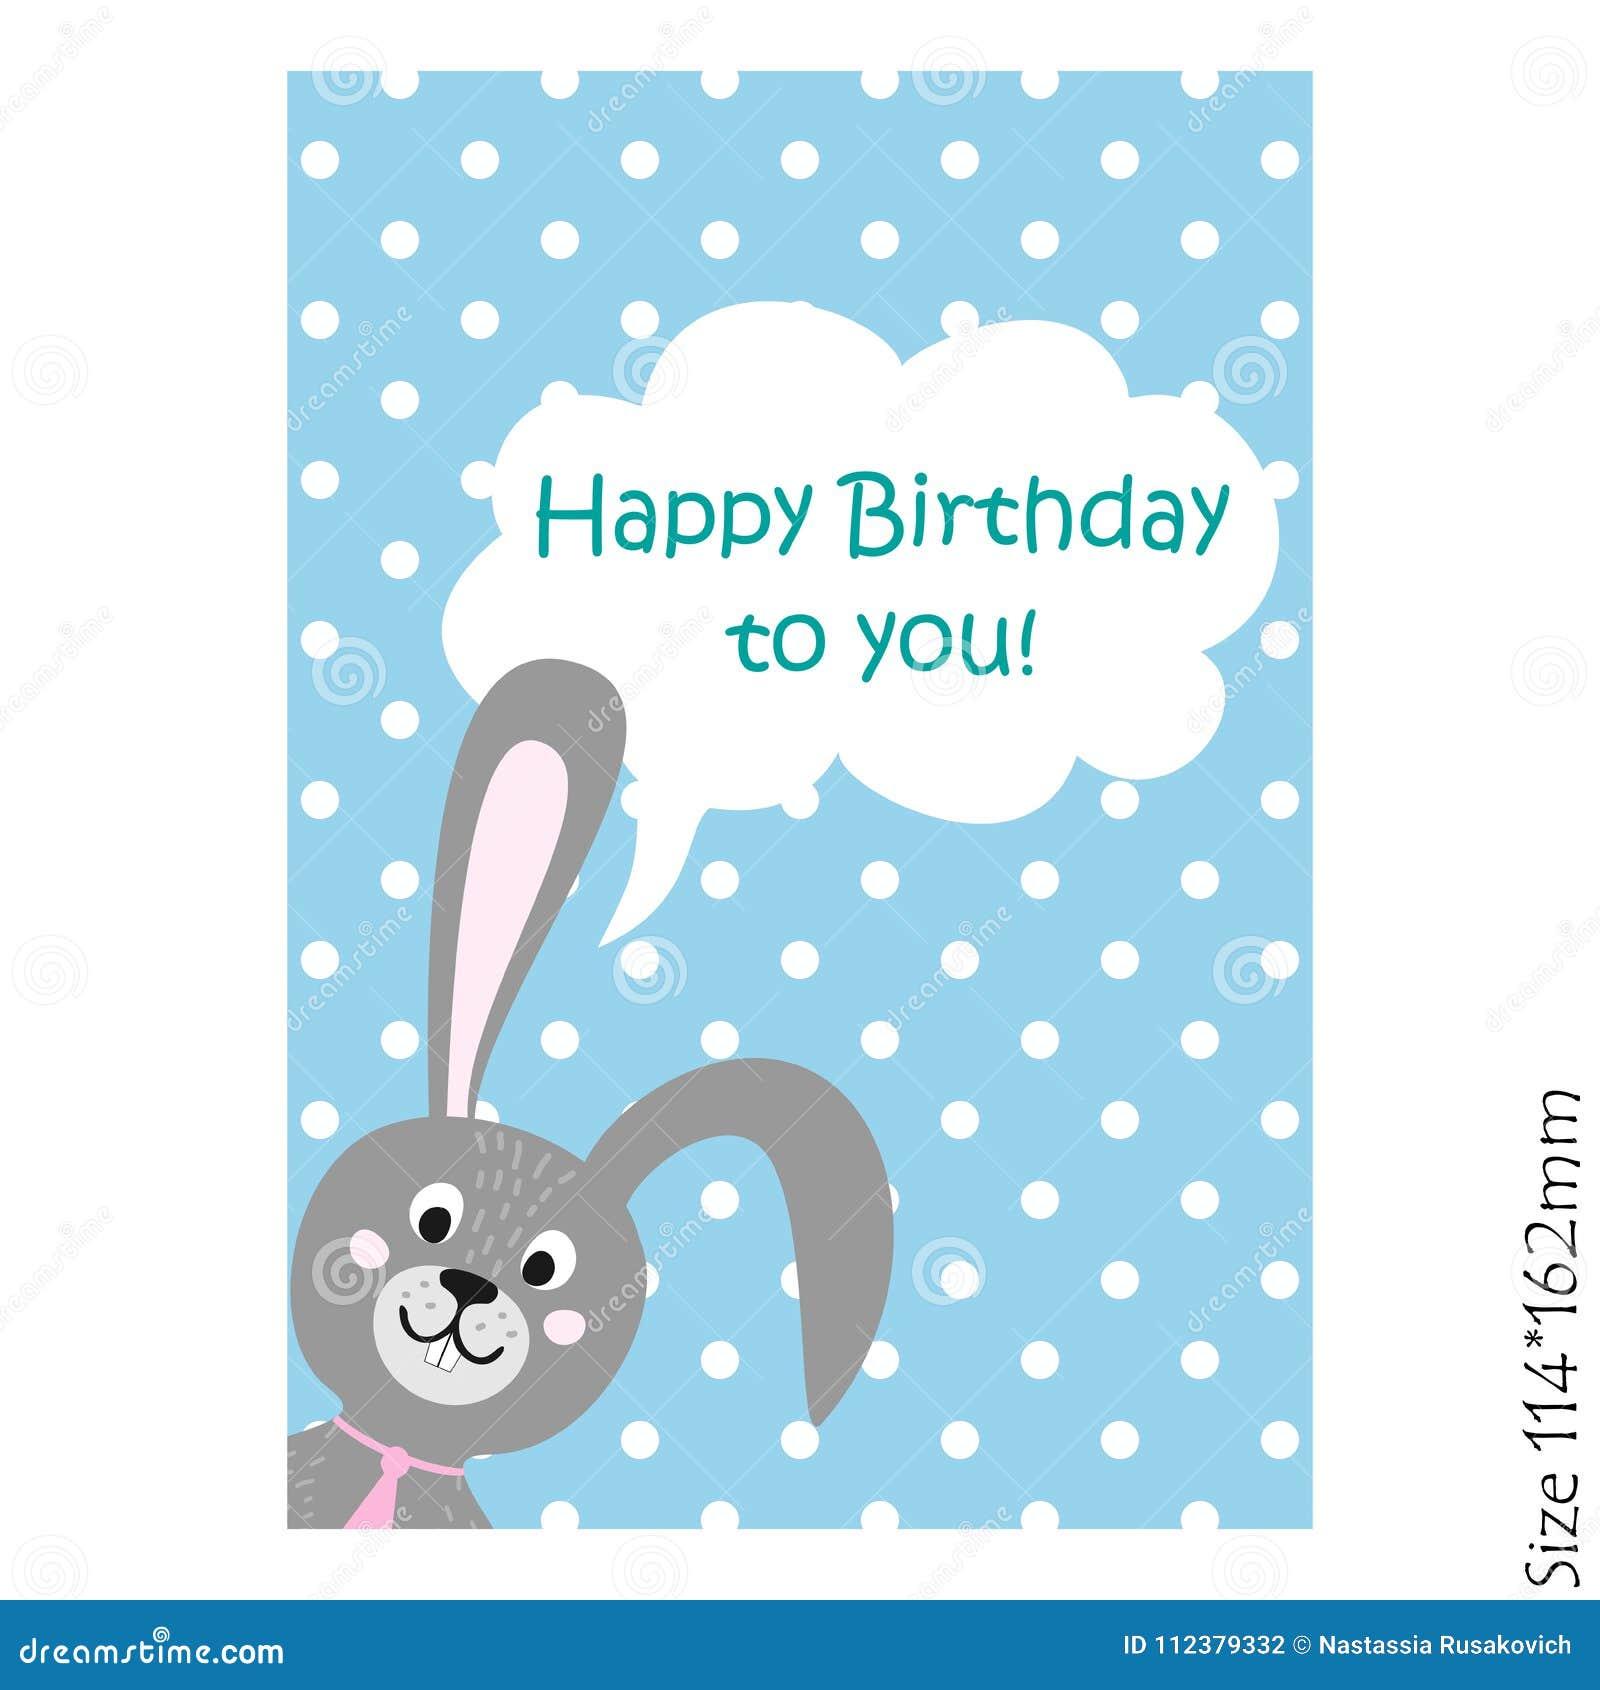 Biglietto di auguri per il compleanno felice con il coniglietto